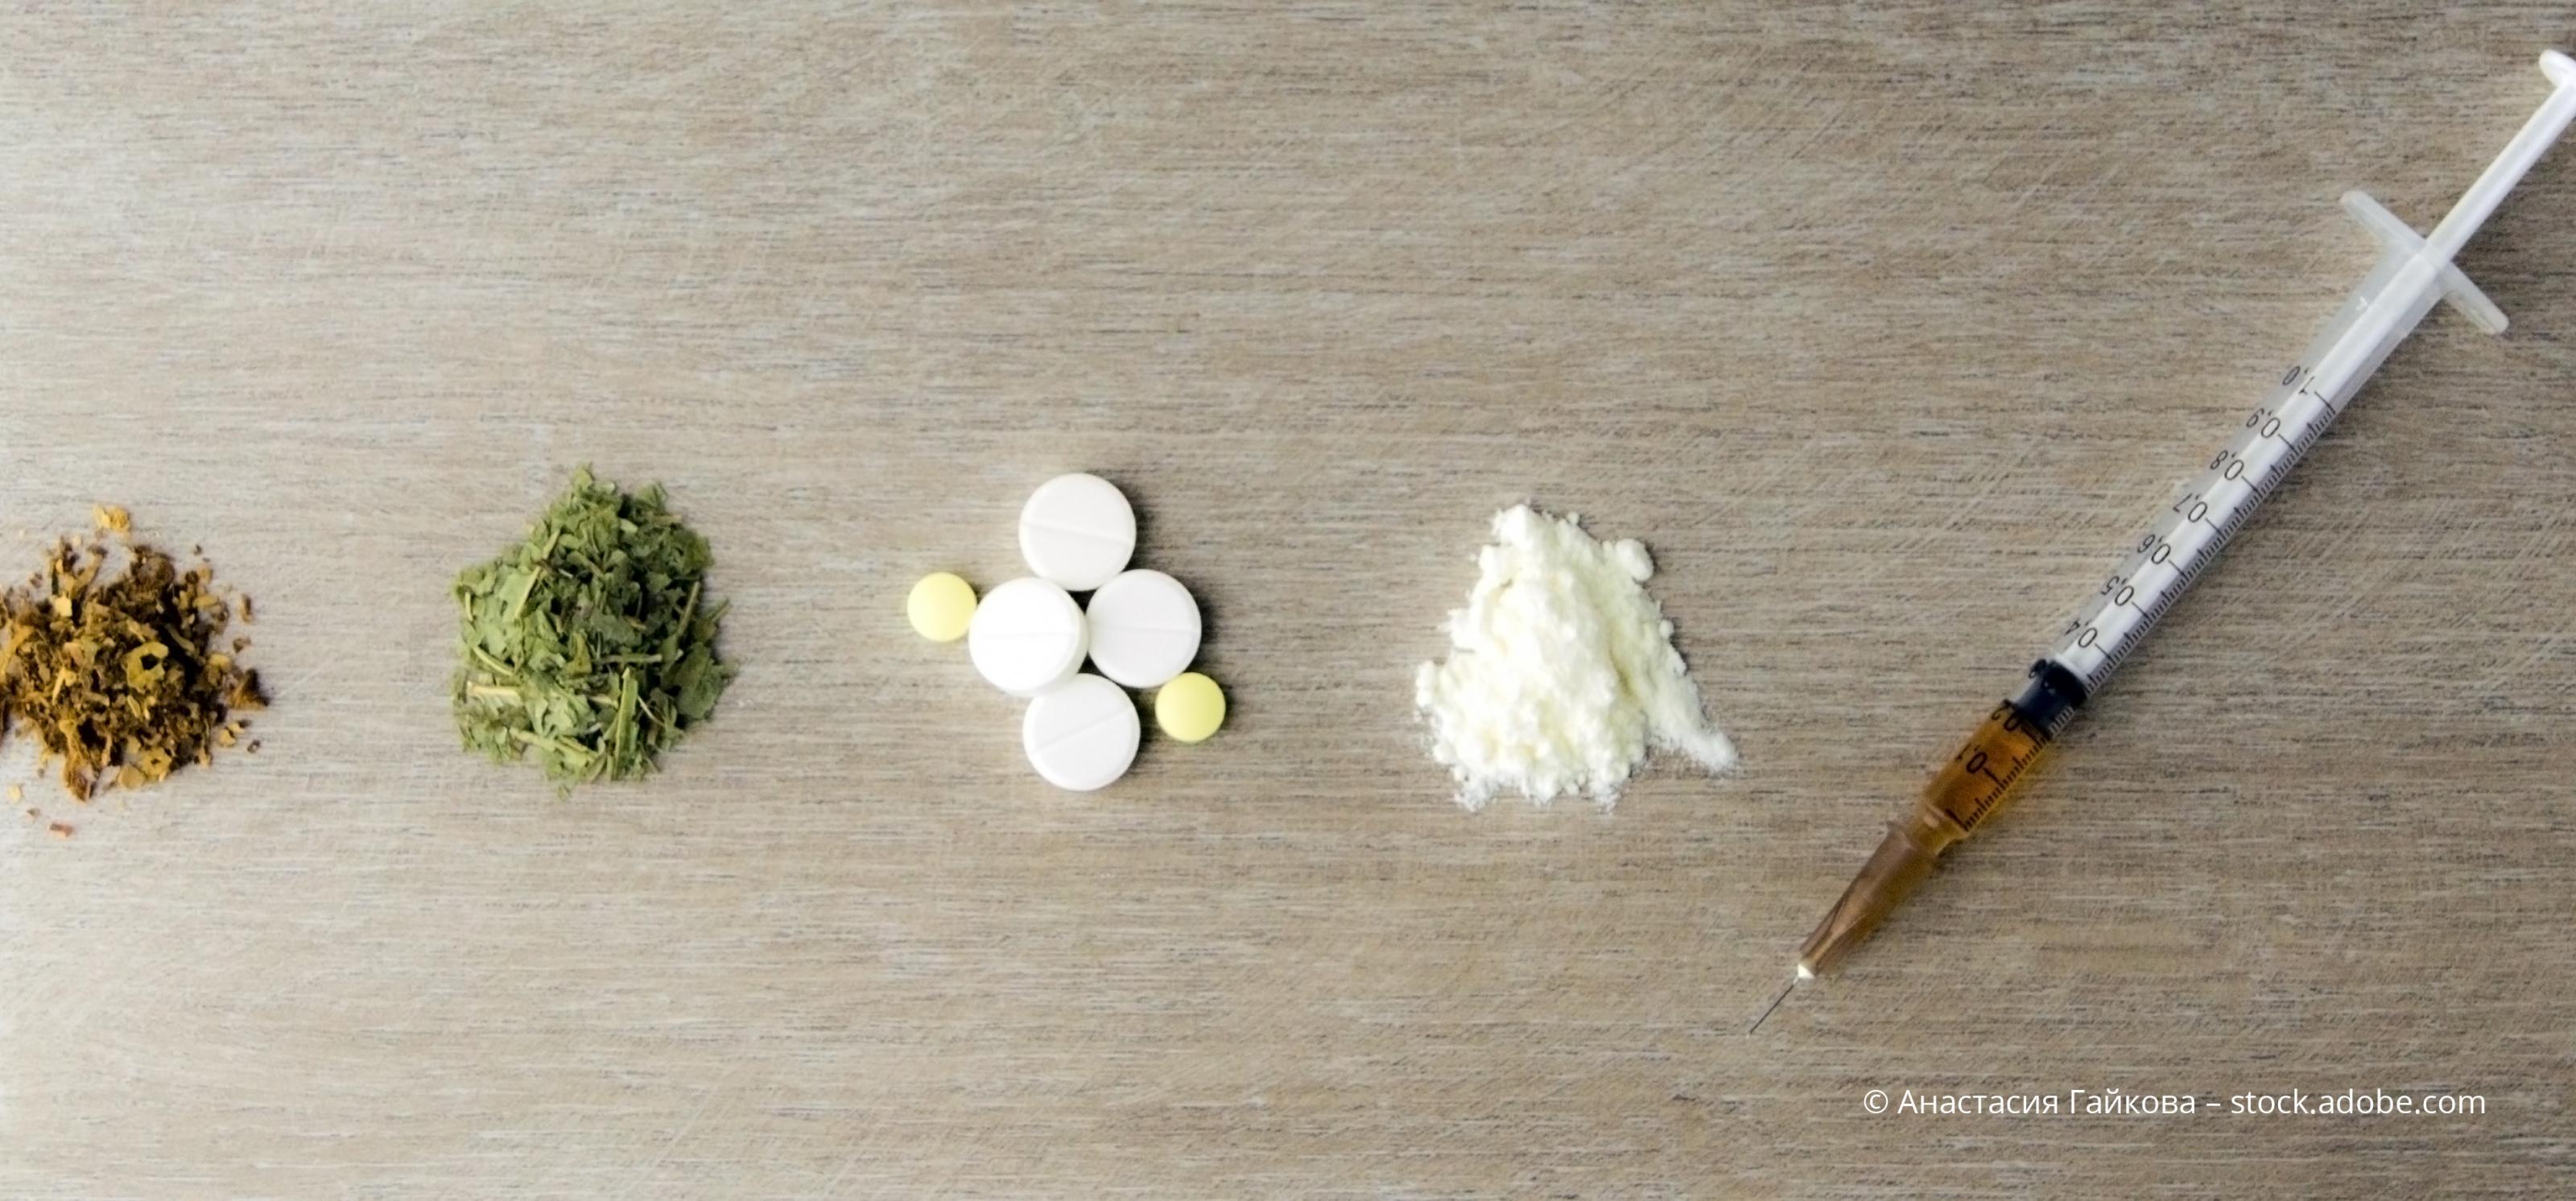 Drogen von Tabak bis Heroin